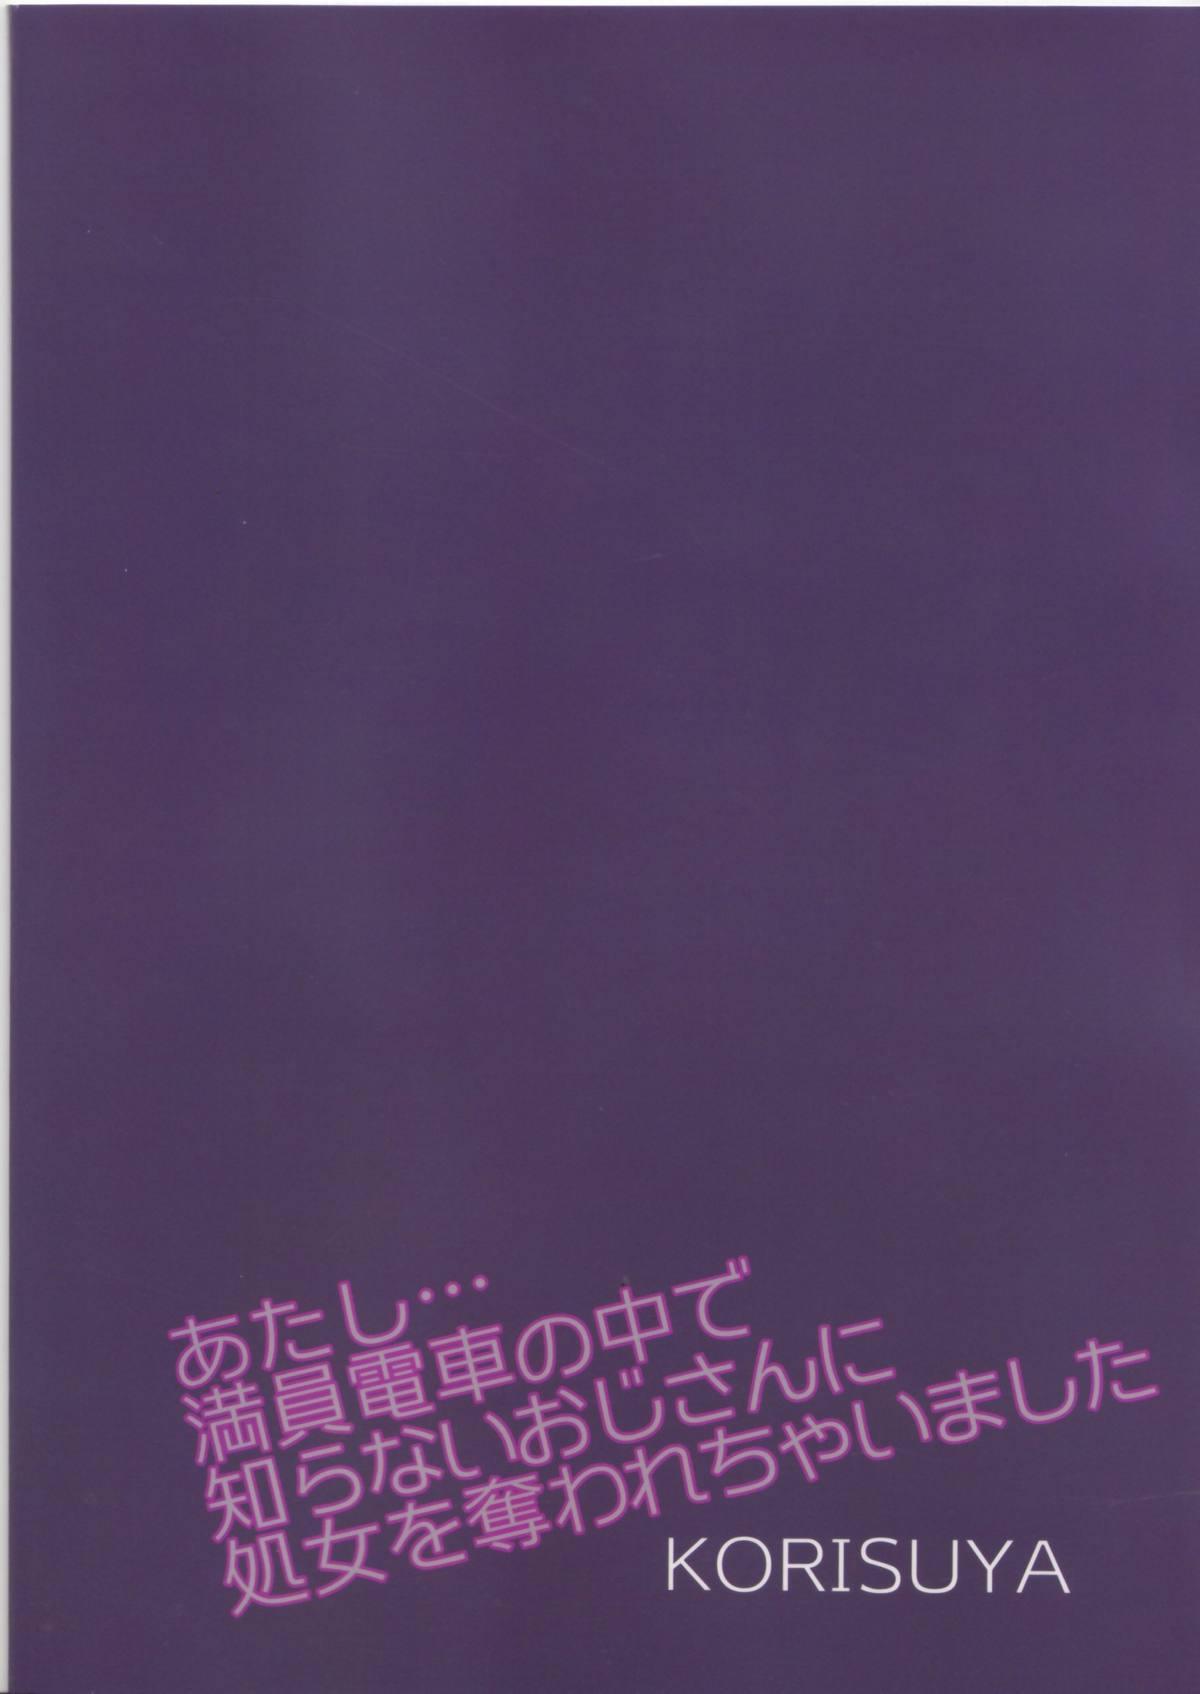 Atashi... Manin Densha no Naka de Shiranai Ojisan ni Shojo wo Ubawarechaimashita 25